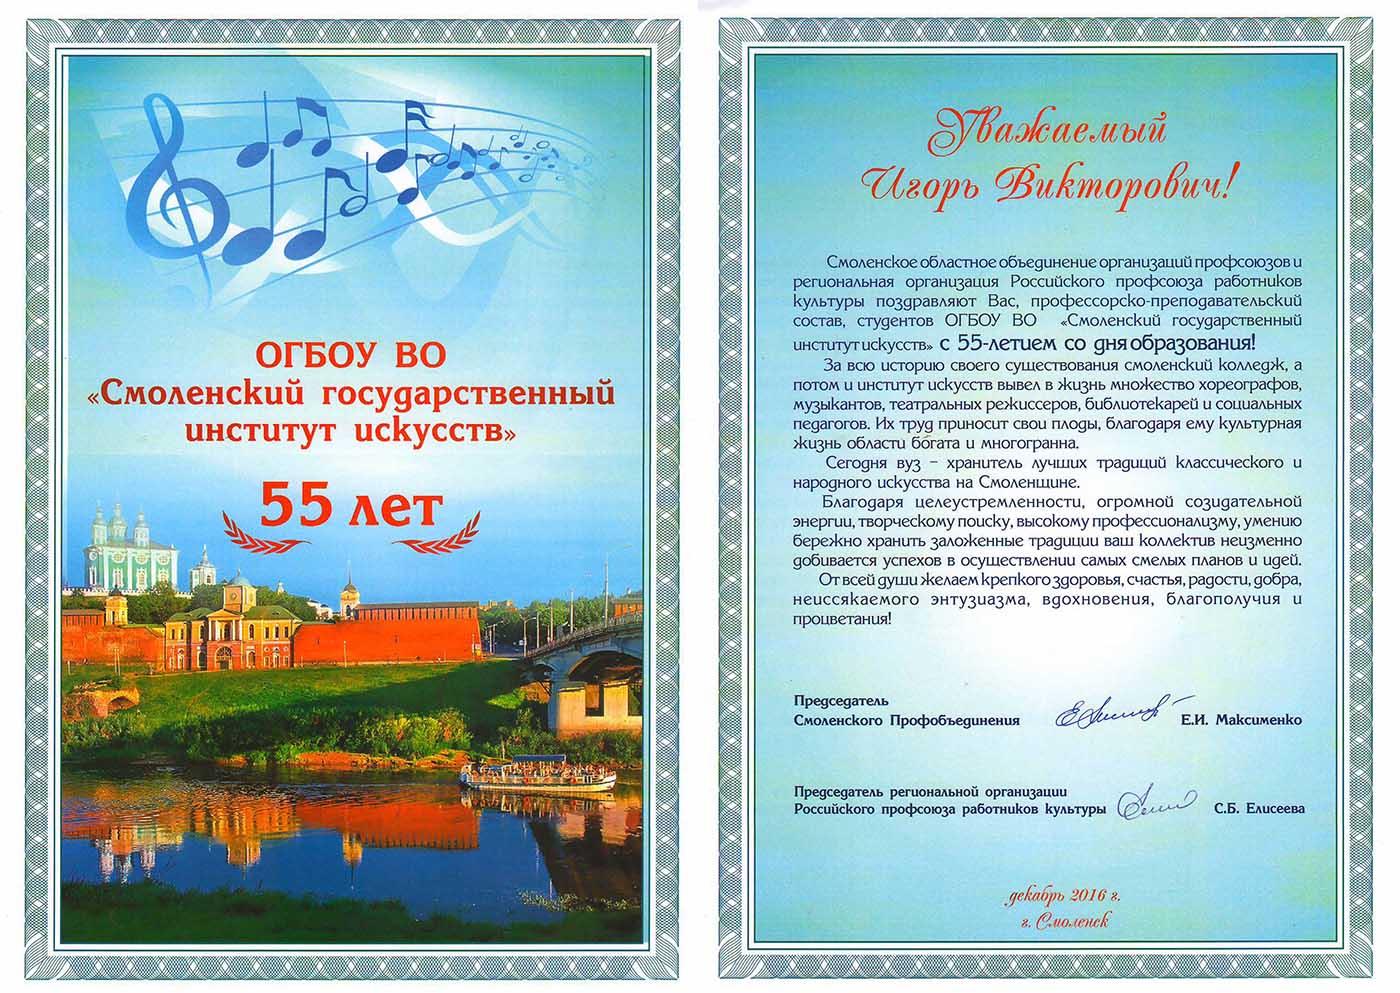 Официальное поздравление к юбилею института